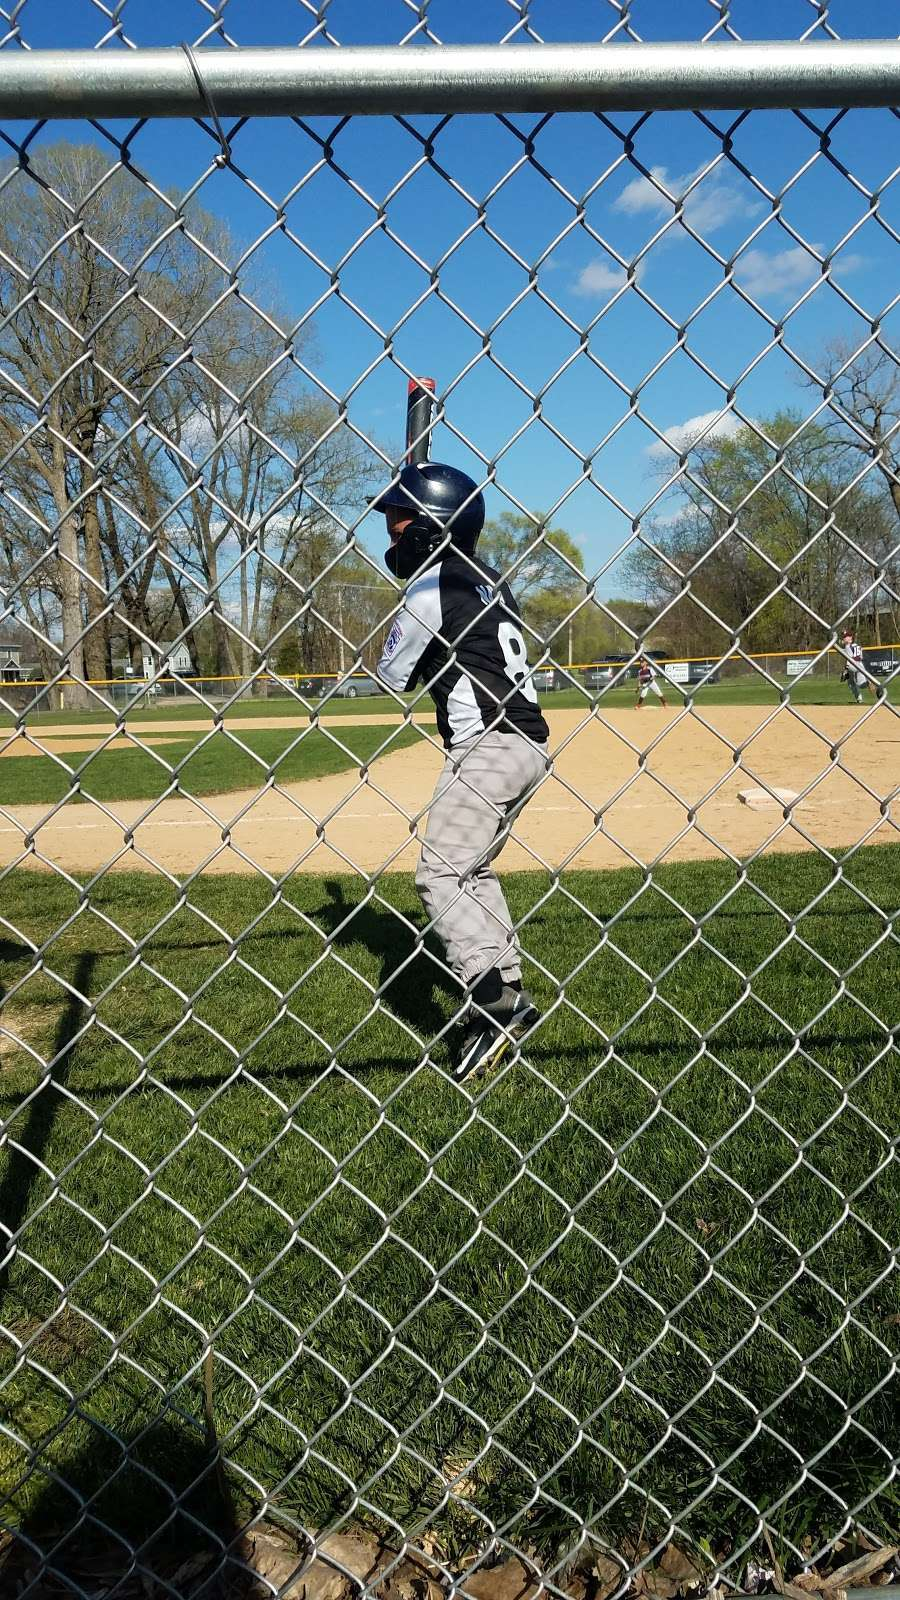 Sponable Little League Park - park    Photo 2 of 7   Address: 137 N Sponable St, Marengo, IL 60152, USA